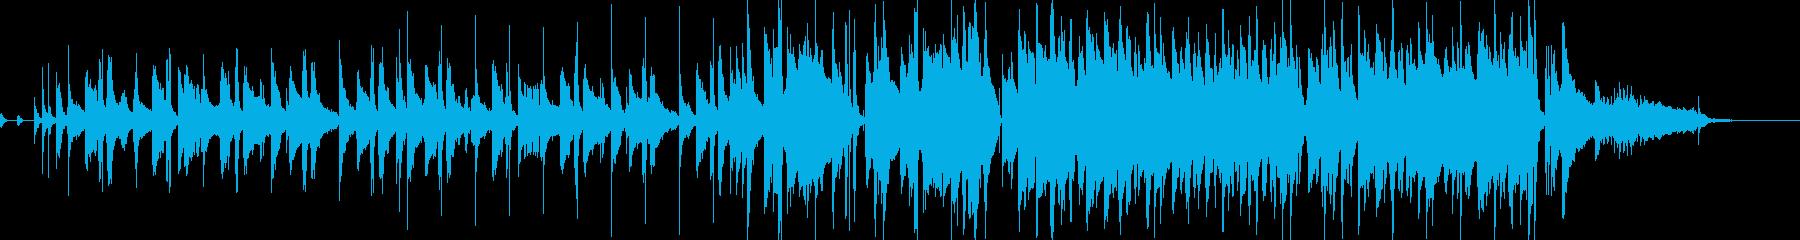 場面: シブくてカッコイイジャズ風の楽曲の再生済みの波形